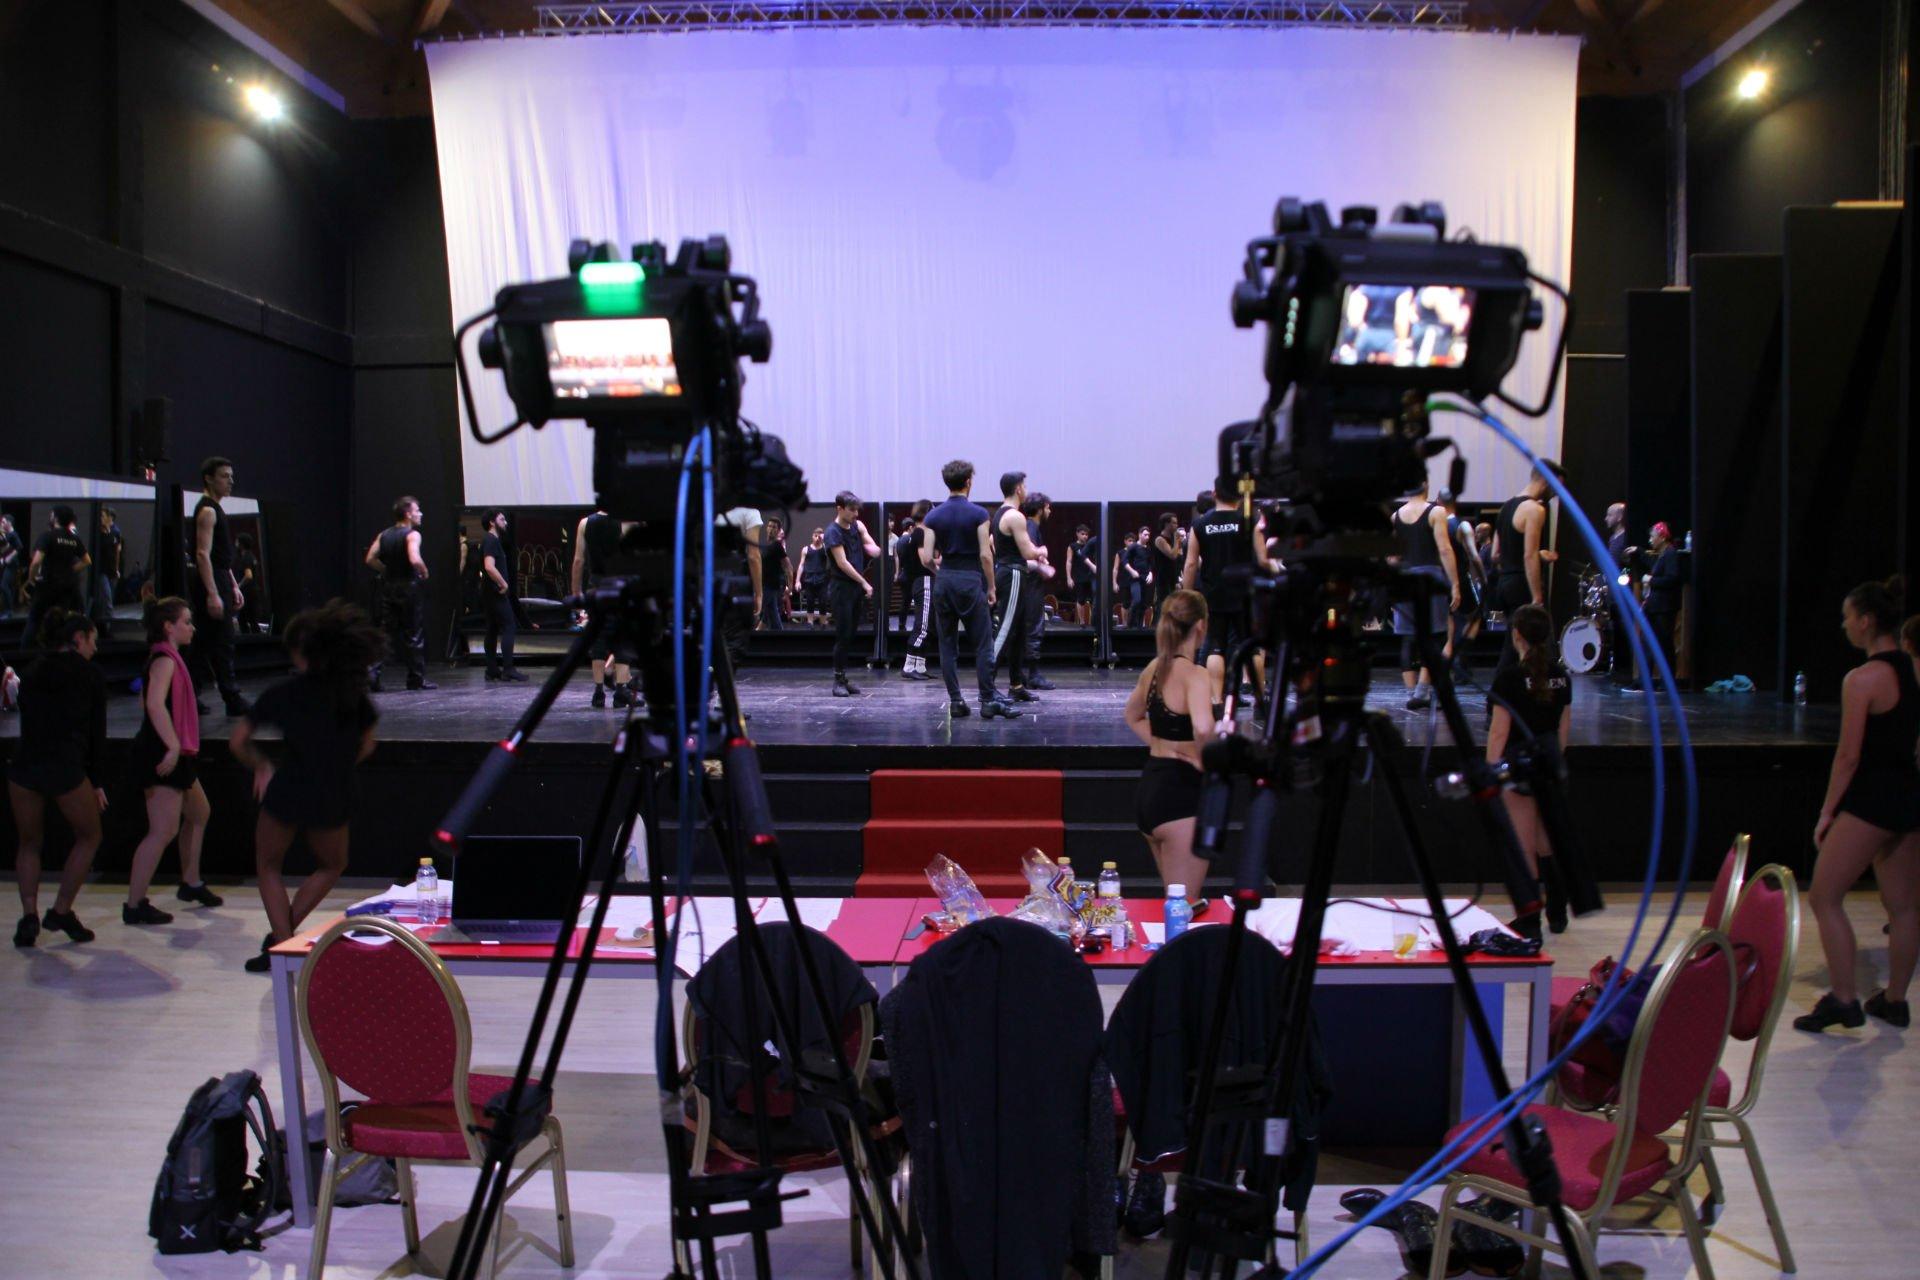 teatro-plato-audiovisual-esaem